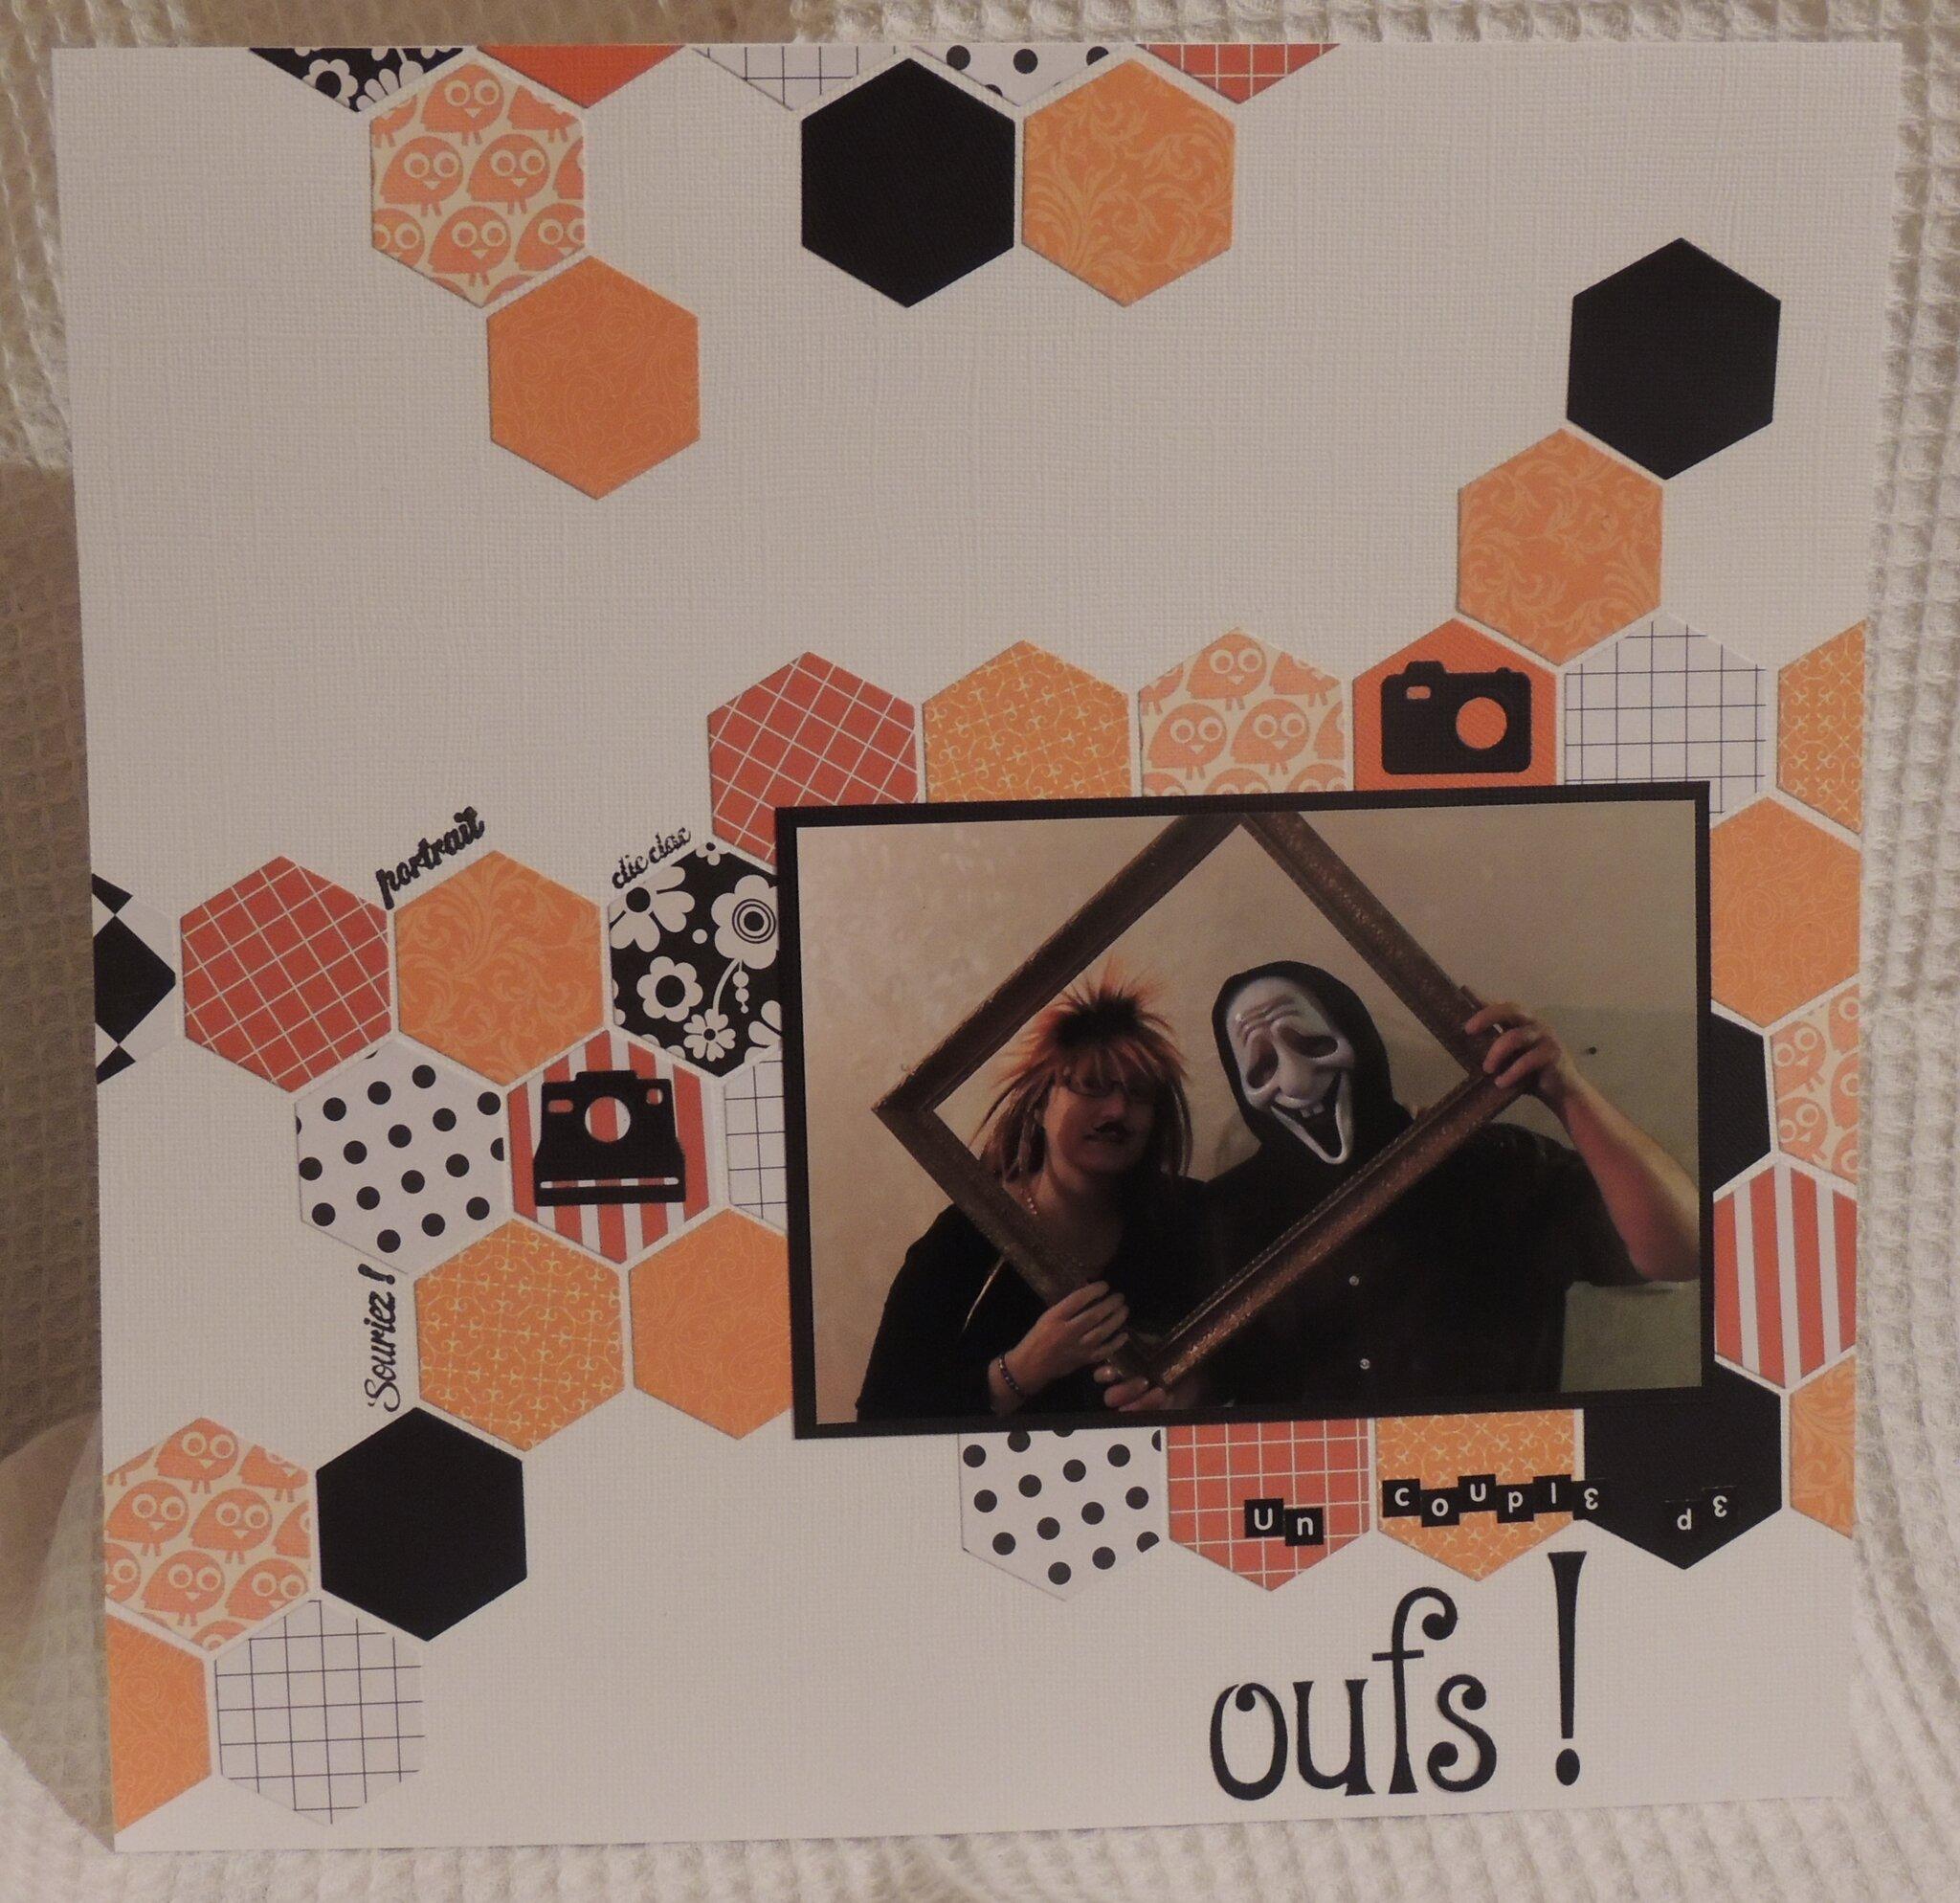 Un_couple_de_Oufs__